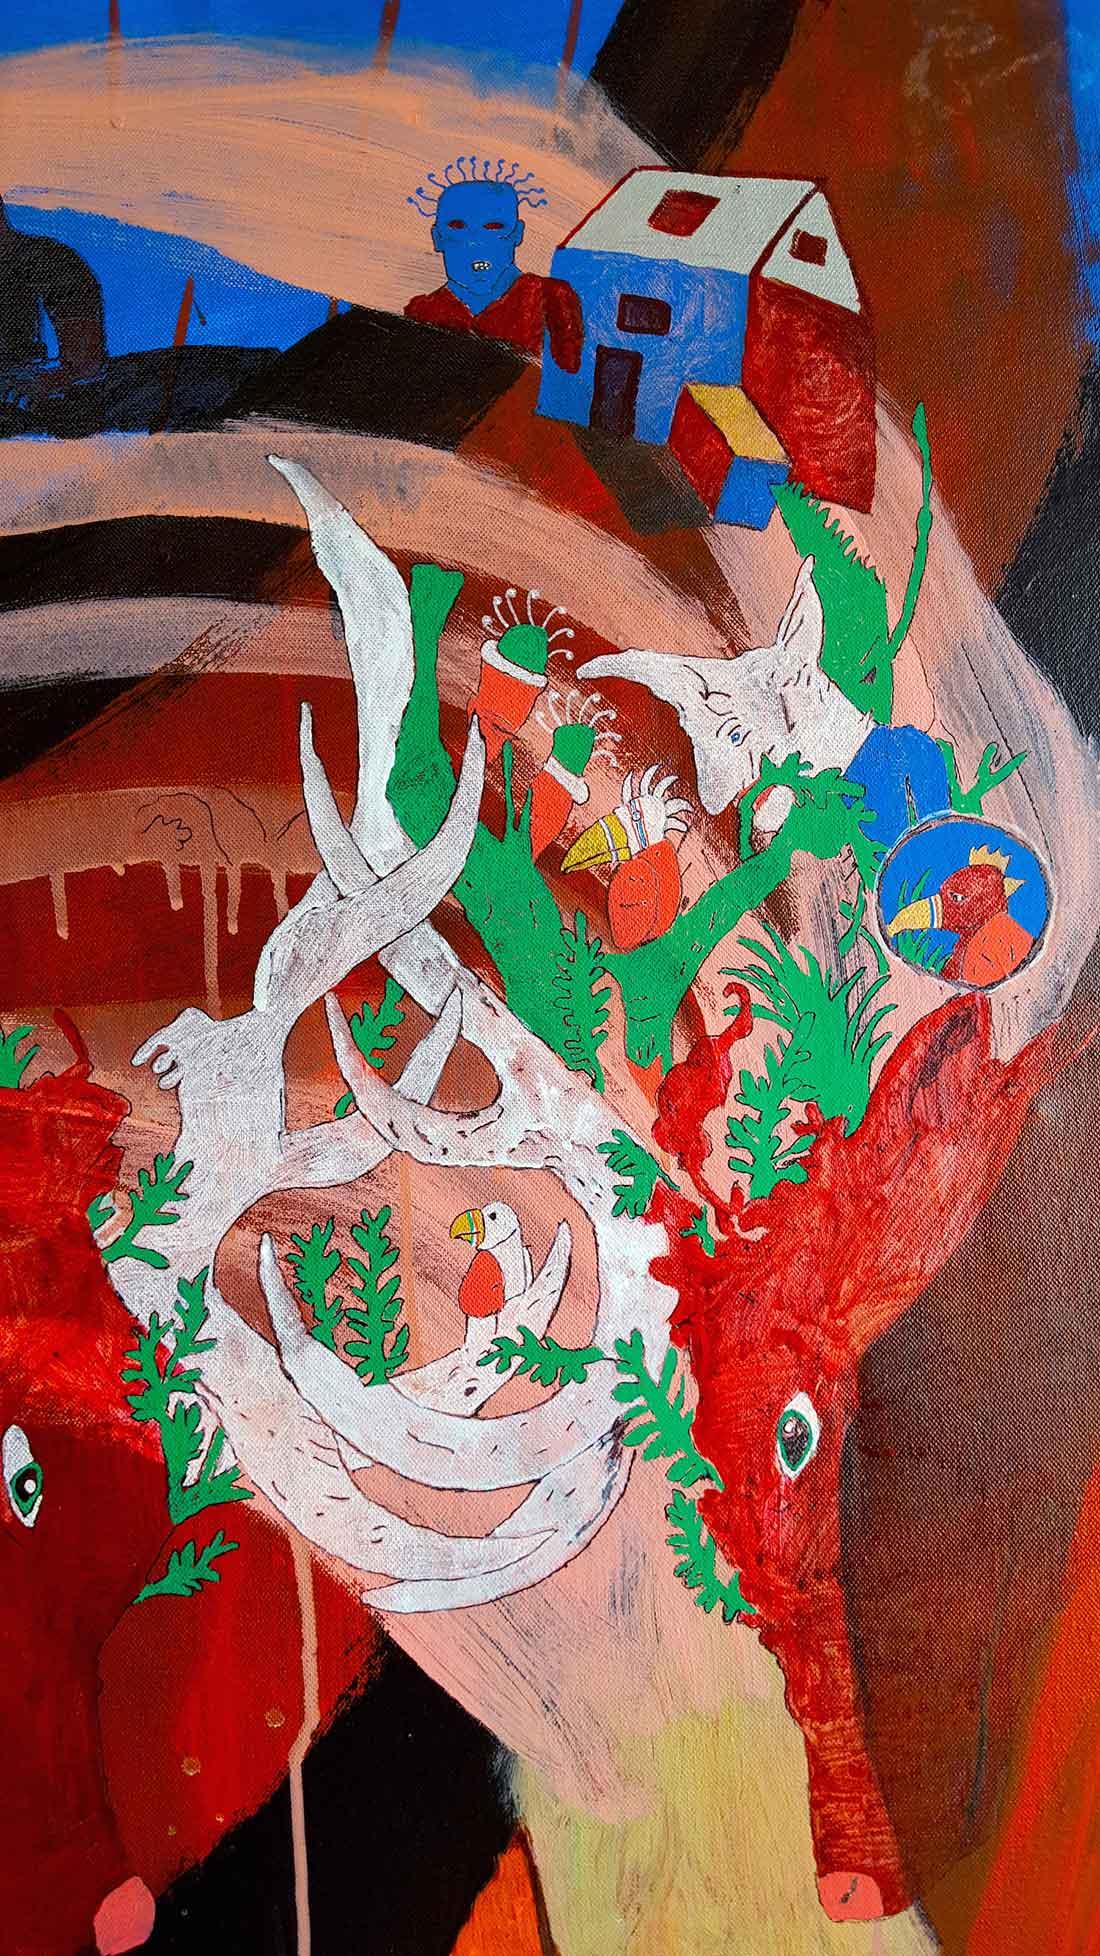 Úlfur Karlsson Artist - By Proxy II (detail)